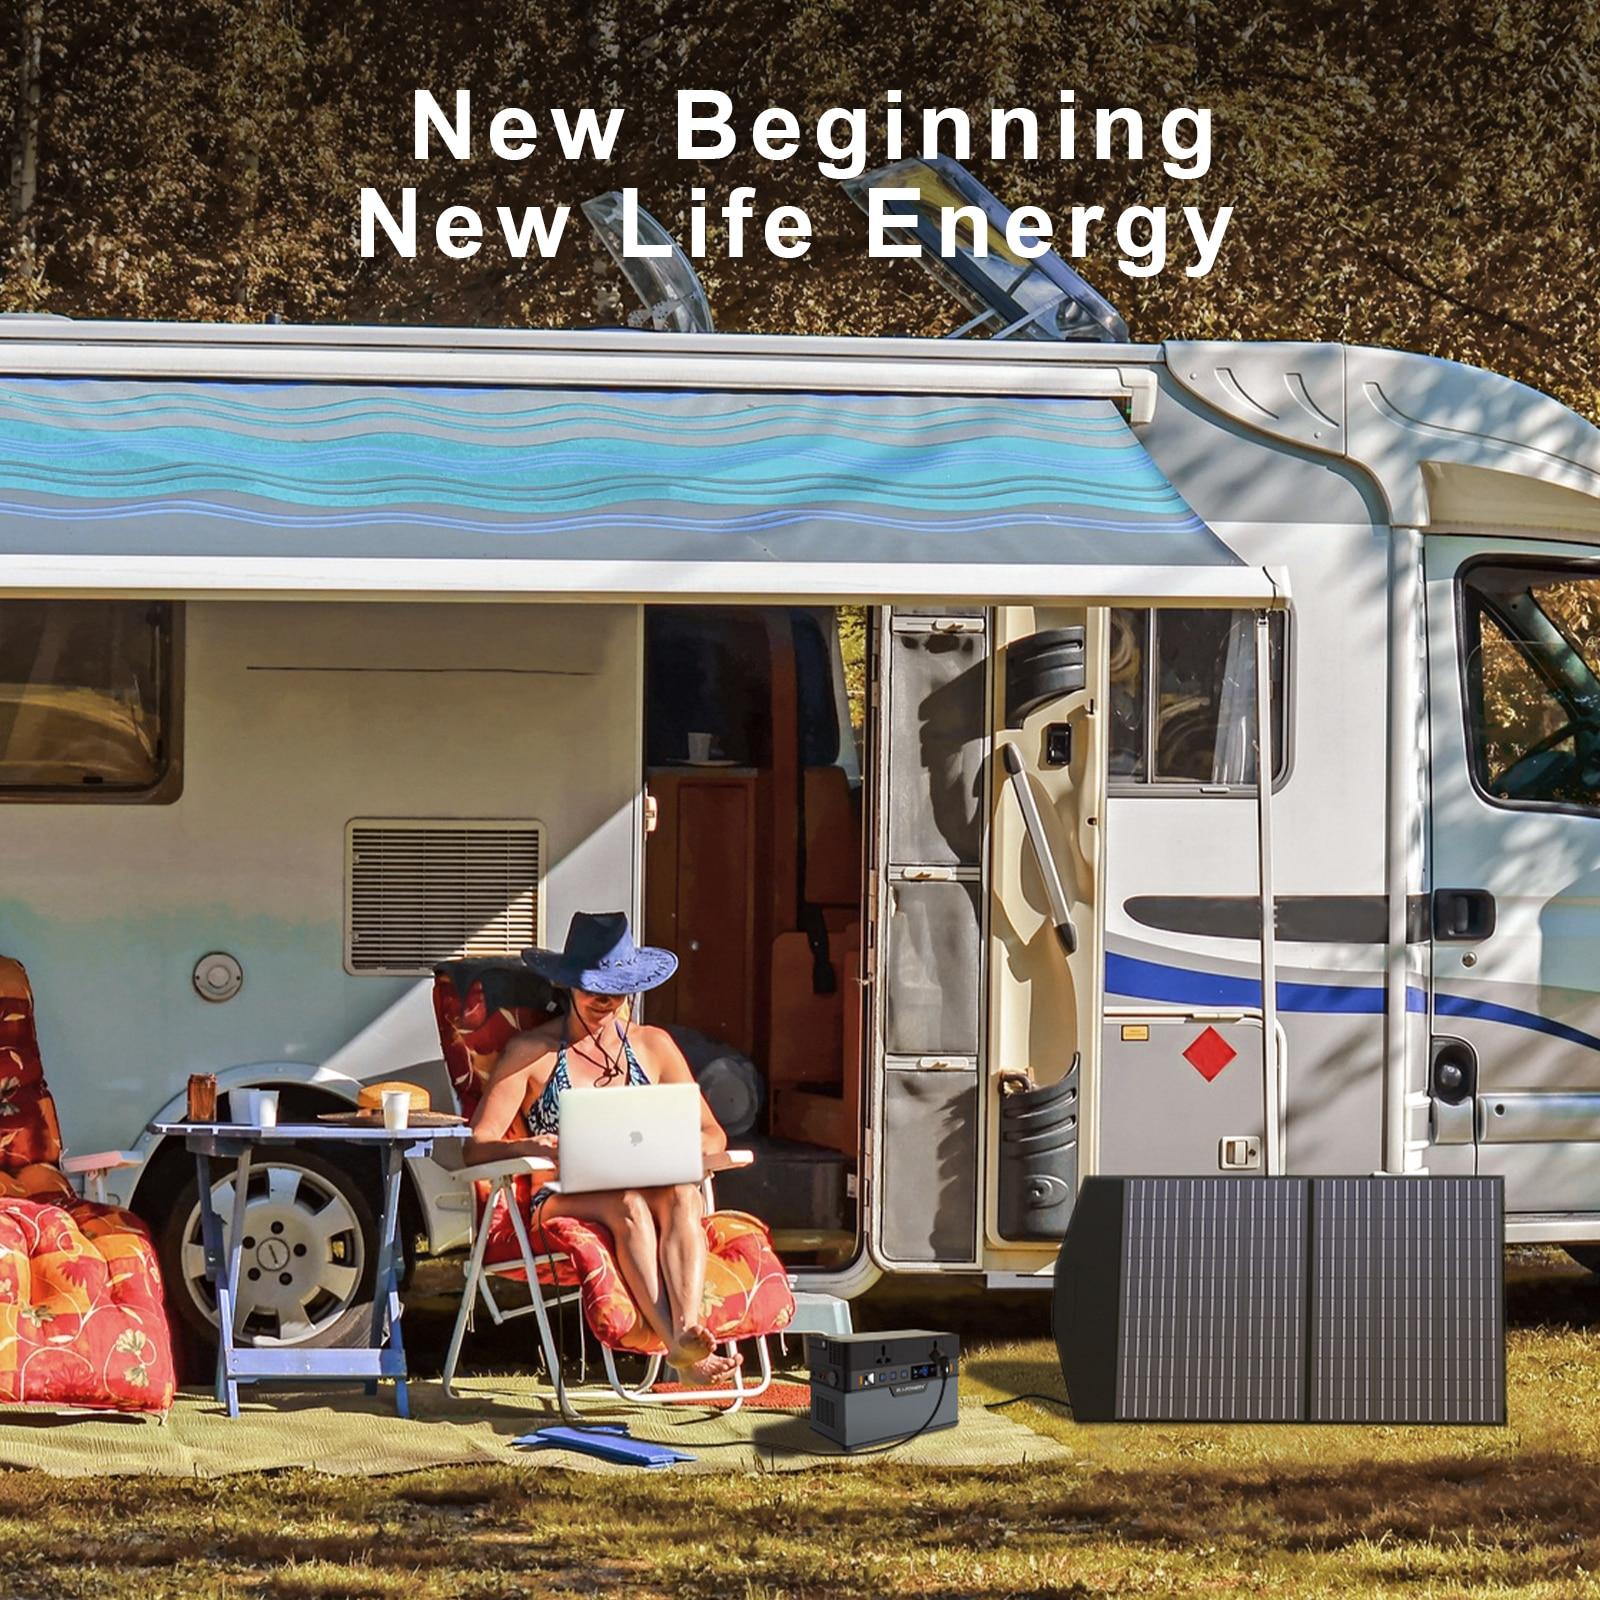 Allpowers Solar Generator, 110V/220V Portable Power Station, mobiele Emergency Backup Power Met 18V Opvouwbare Solar Panel Charger 5